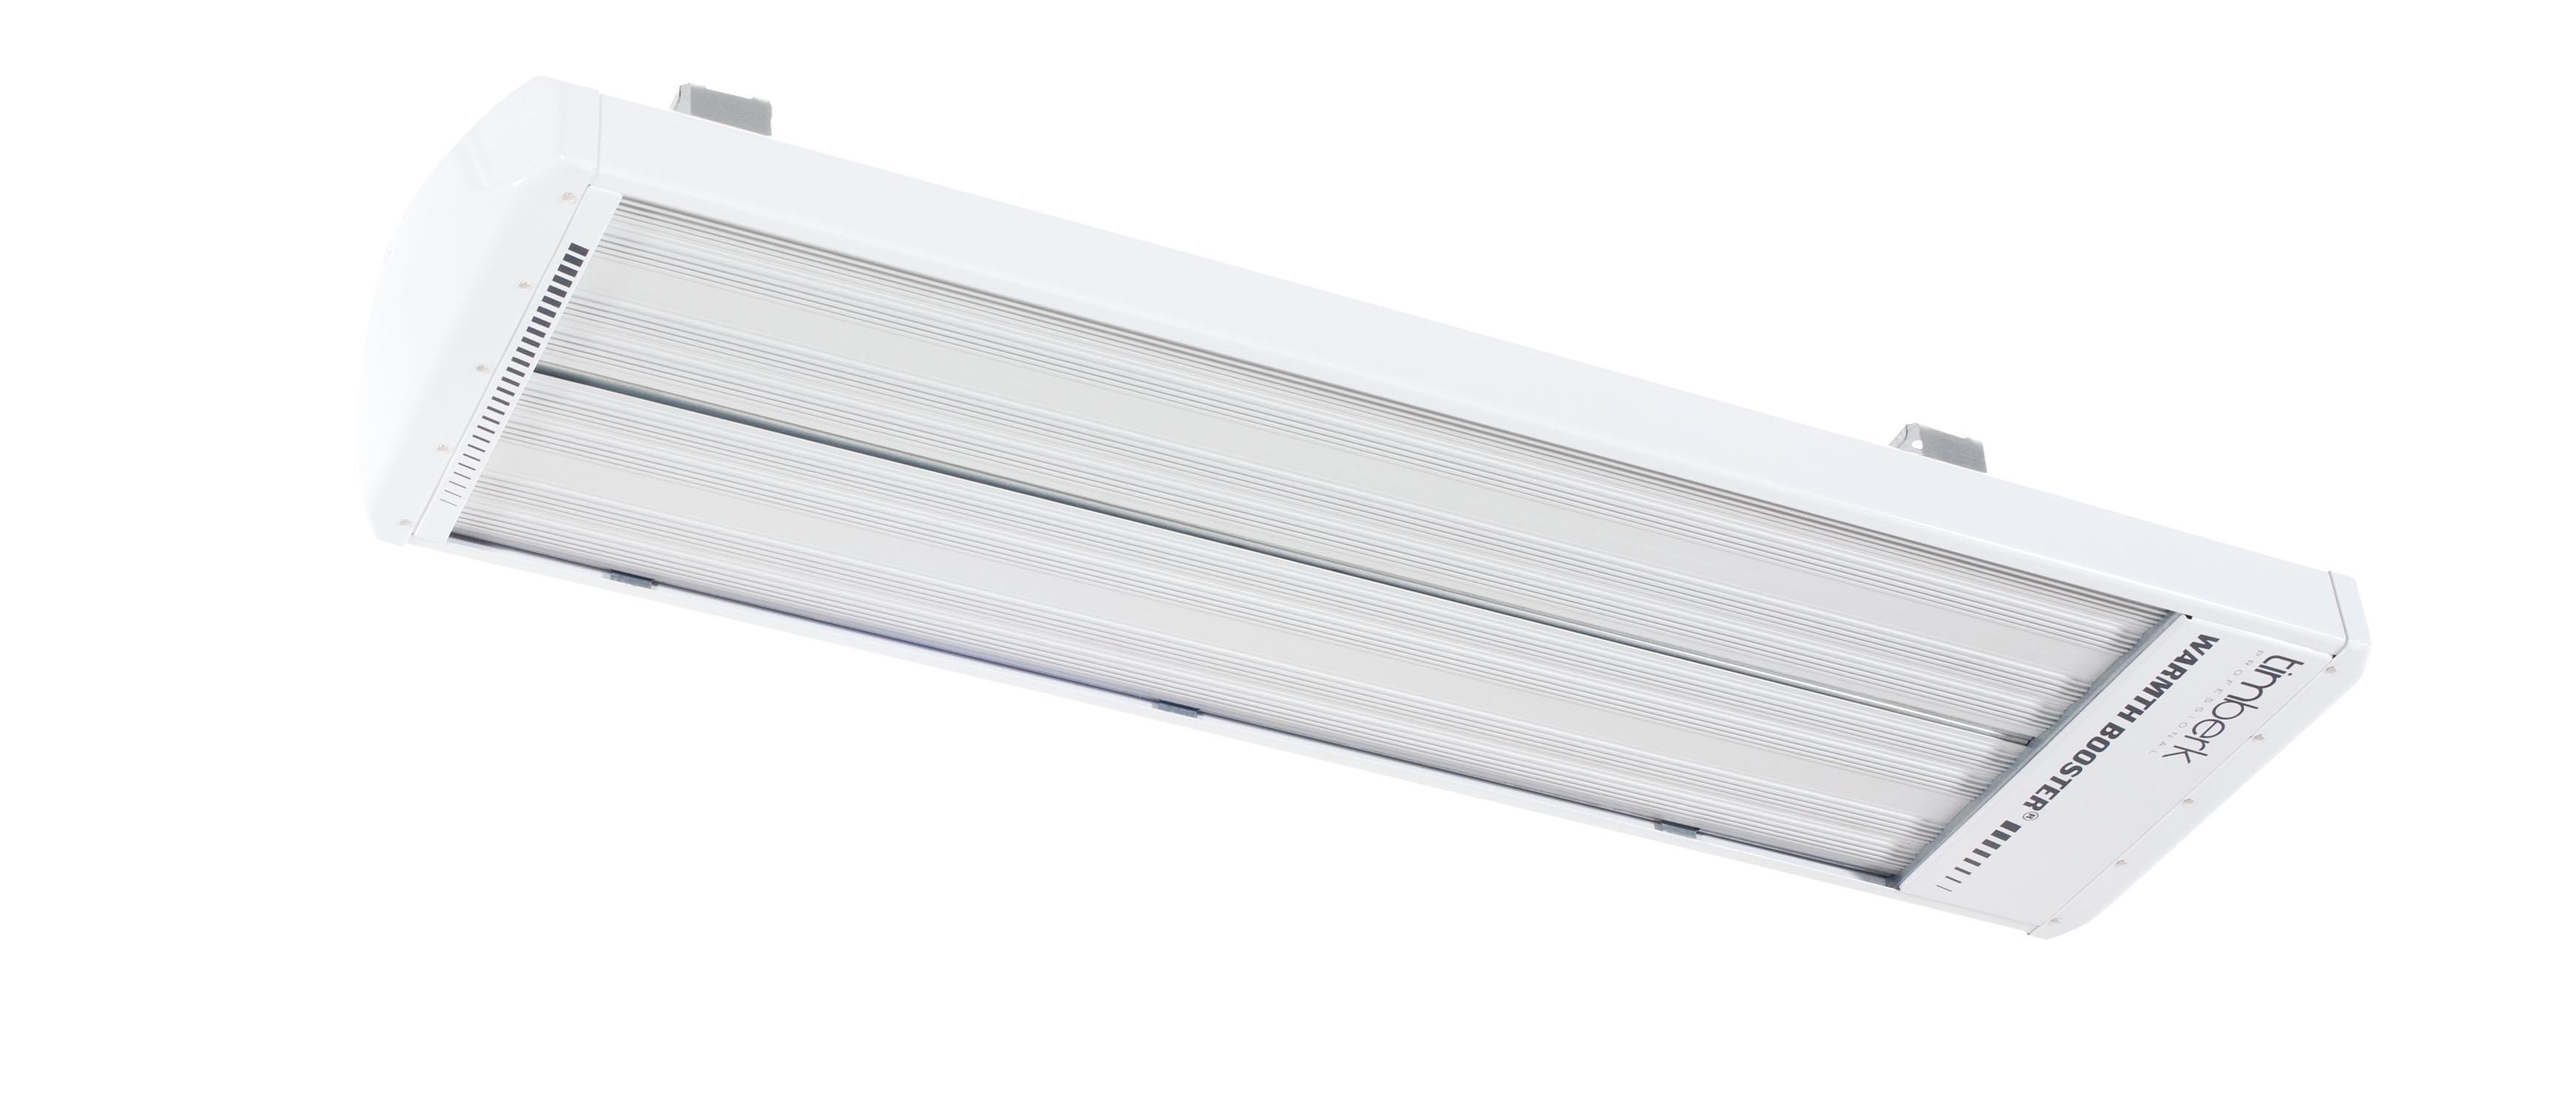 Потолочный керамический инфракрасный обогреватель Timberk Tch a1n 2000 все цены